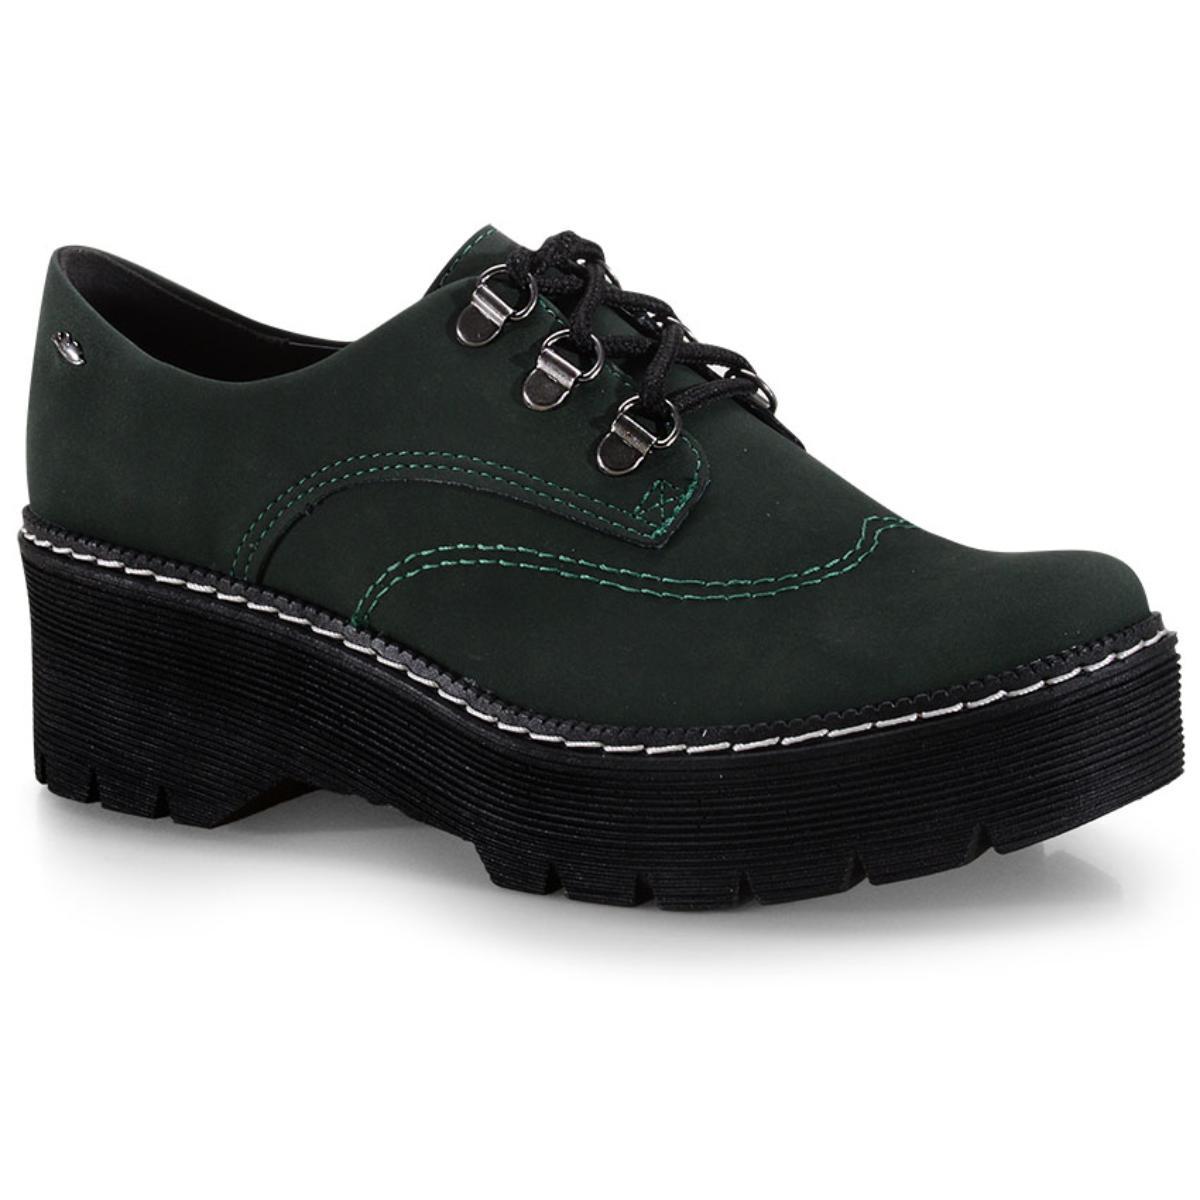 Sapato Feminino Dakota G2573 Alecrim